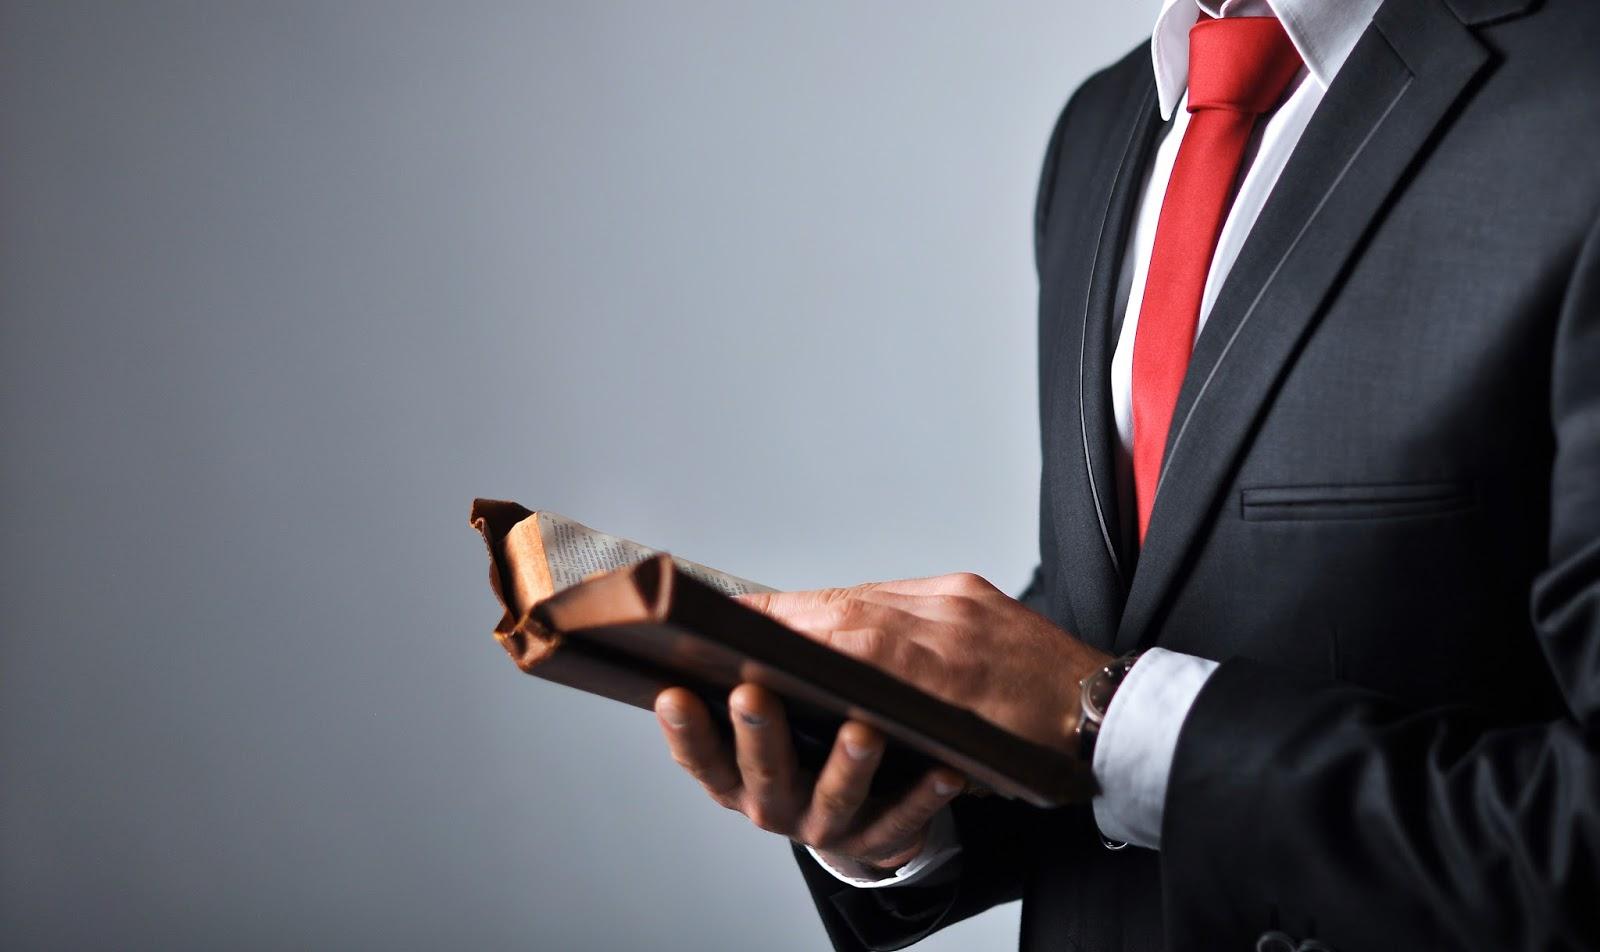 El abogado en el tiempo de vida y juicio